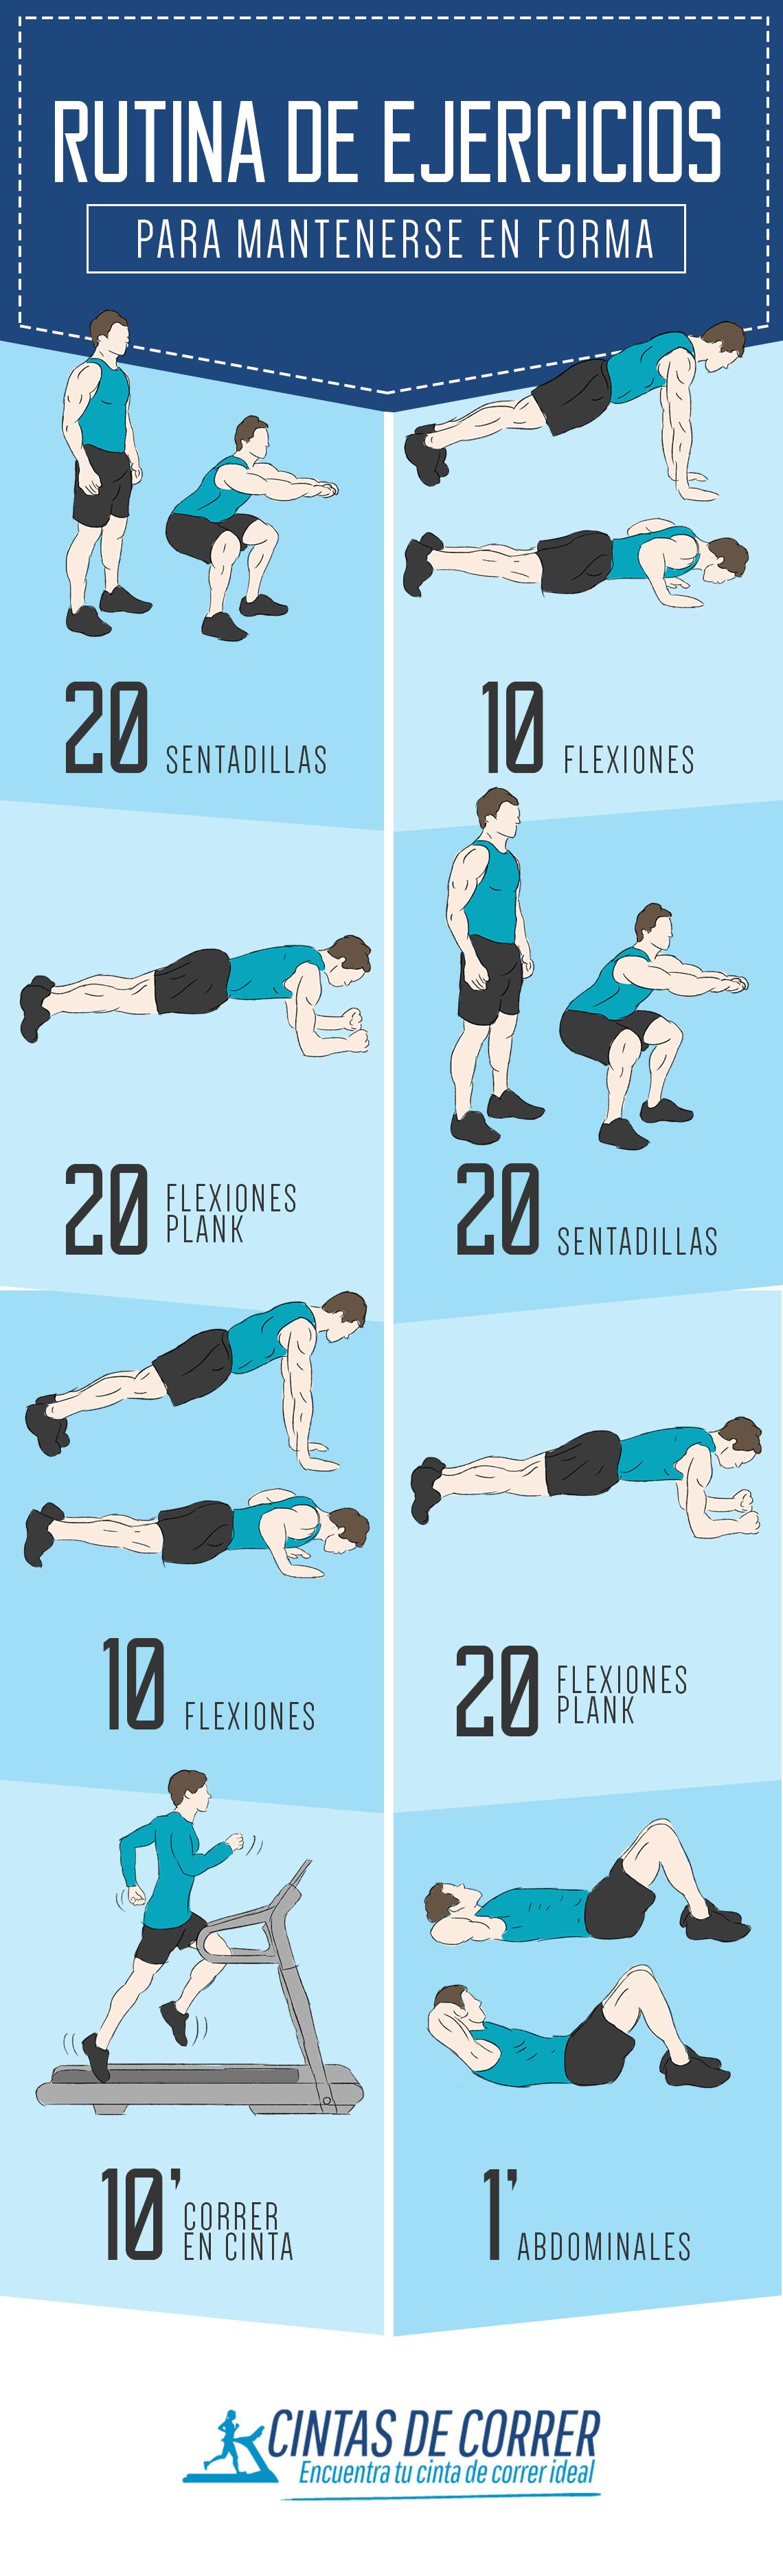 Rutina de ejercicios para mantenerse en forma